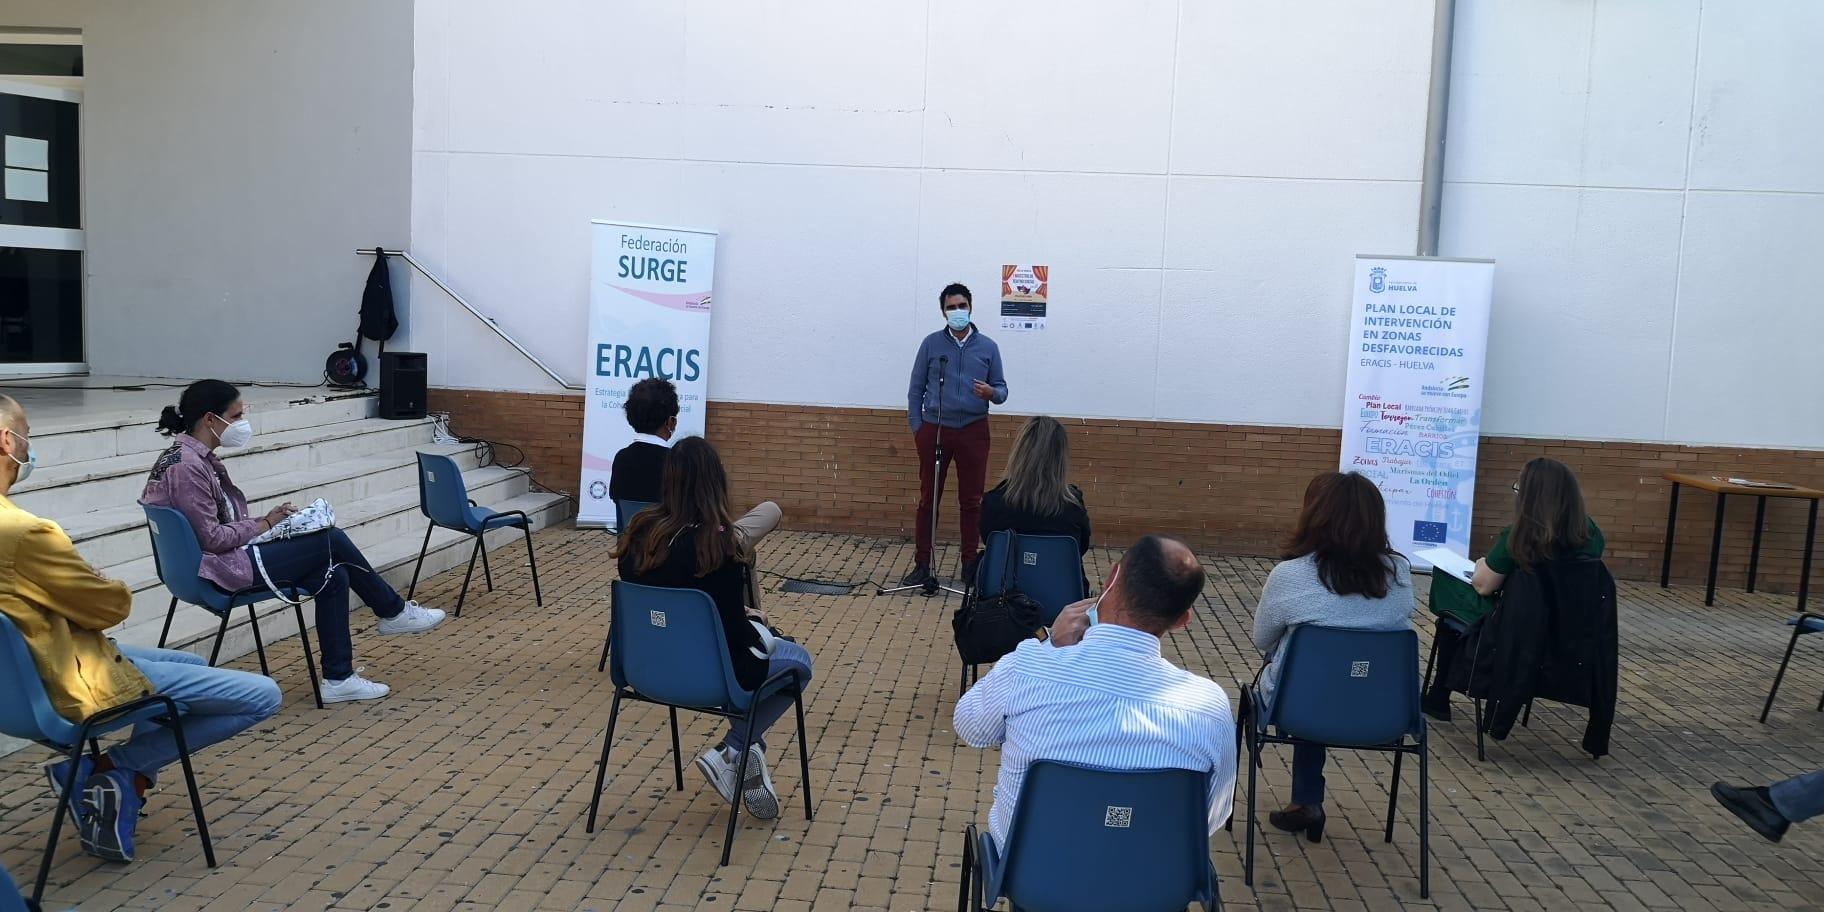 Queremos Saber 06-05-2021 Federación Surge de Huelva, ERACIS, La Orden-Príncipe Juan Carlos